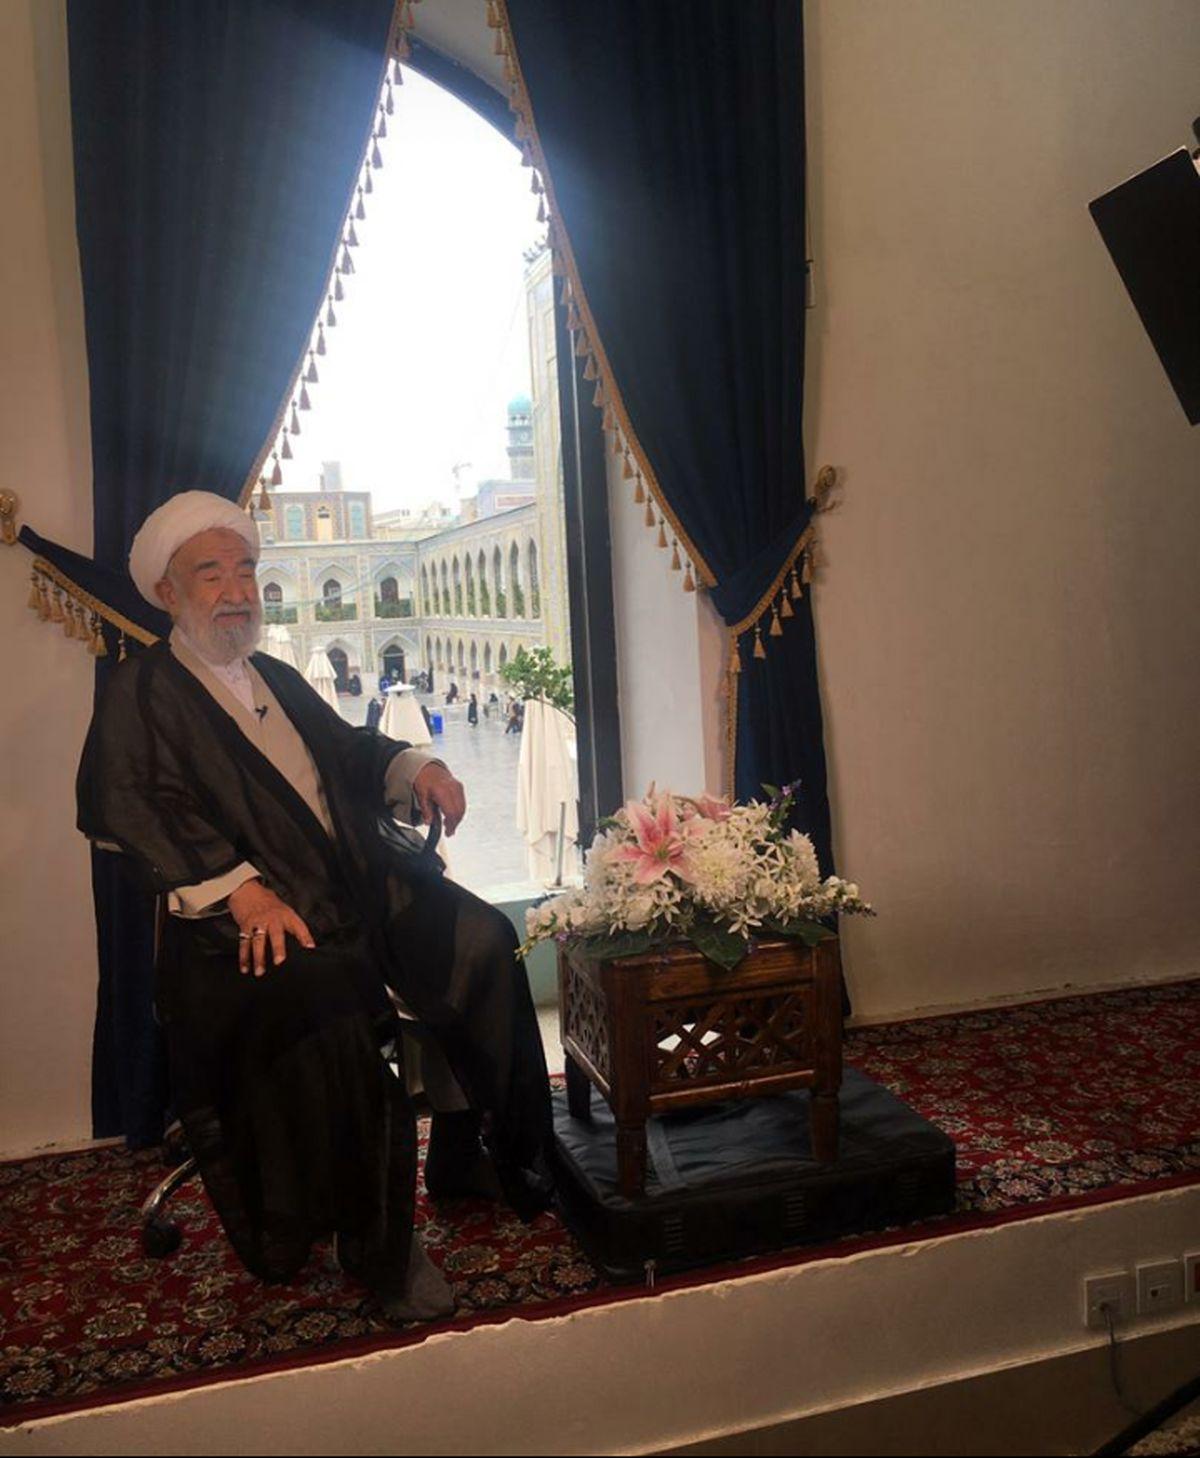 سخنرانی 3 دقیقه ای حجت الاسلام راشد یزدی در ماه مبارک رمضان از صفحه اینستاگرامی یزد فرهنگ